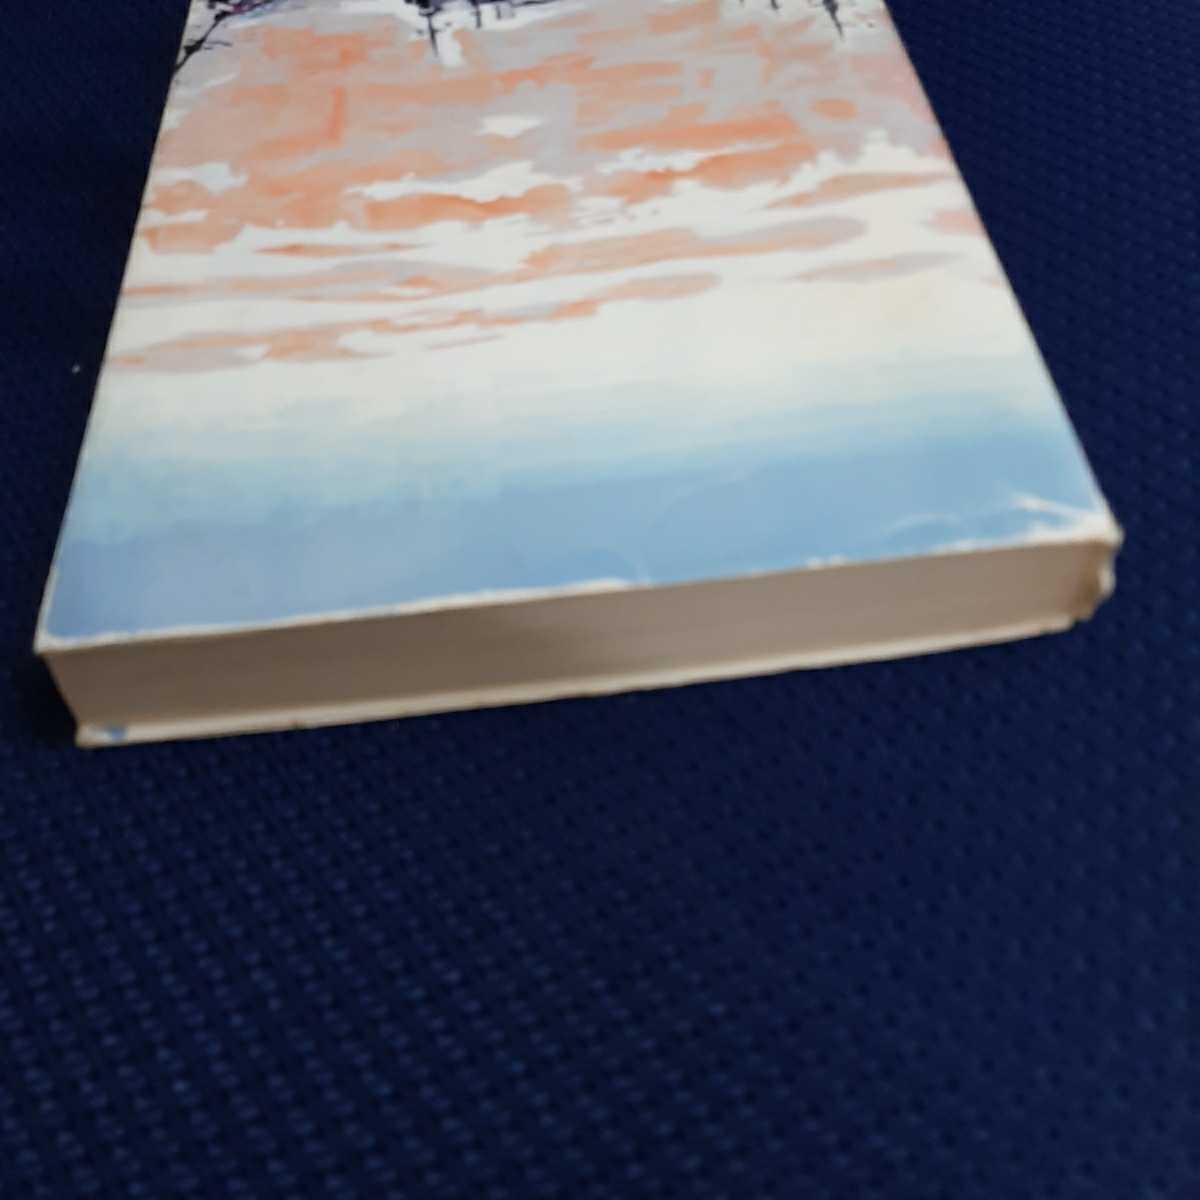 絶版 ああ海軍予備学生 日本海軍 特攻隊 津村敏行 震洋 太平洋戦争 旅順 満州 日本軍 _画像4